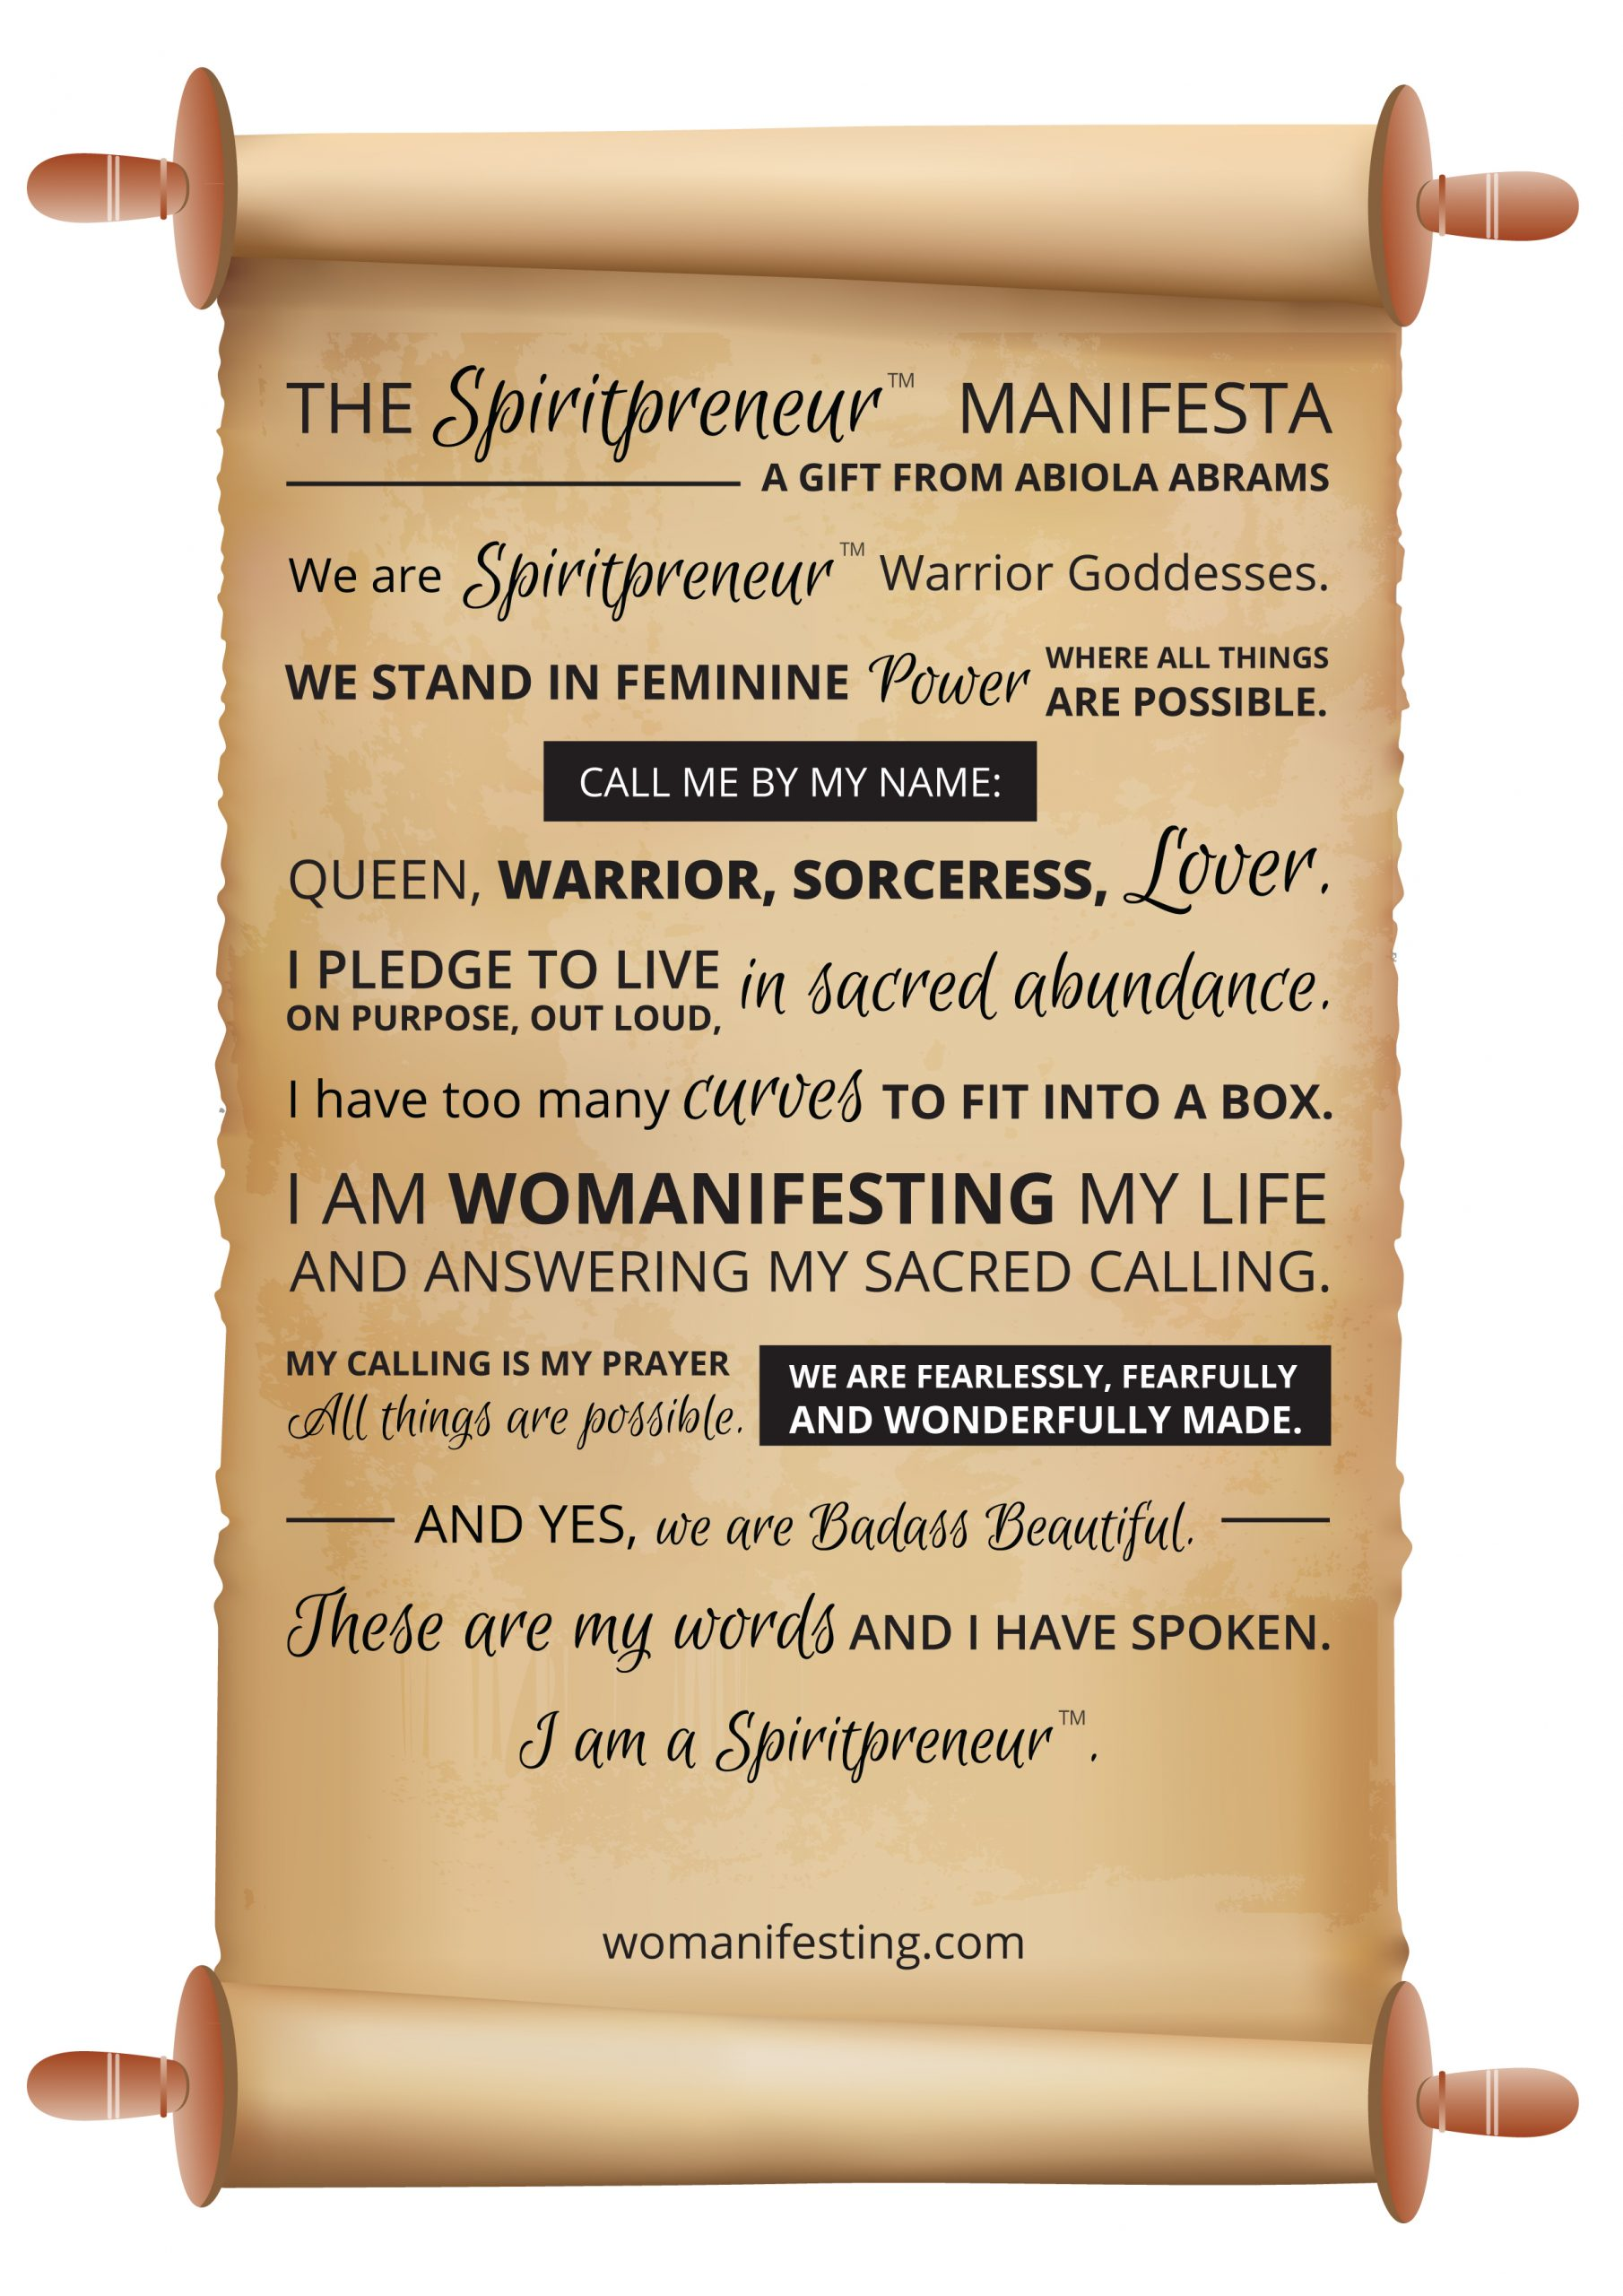 Spiritpreneur Manifesta - Spiritpreneur Manifesto pledge for Spiritual Entrepreneurs